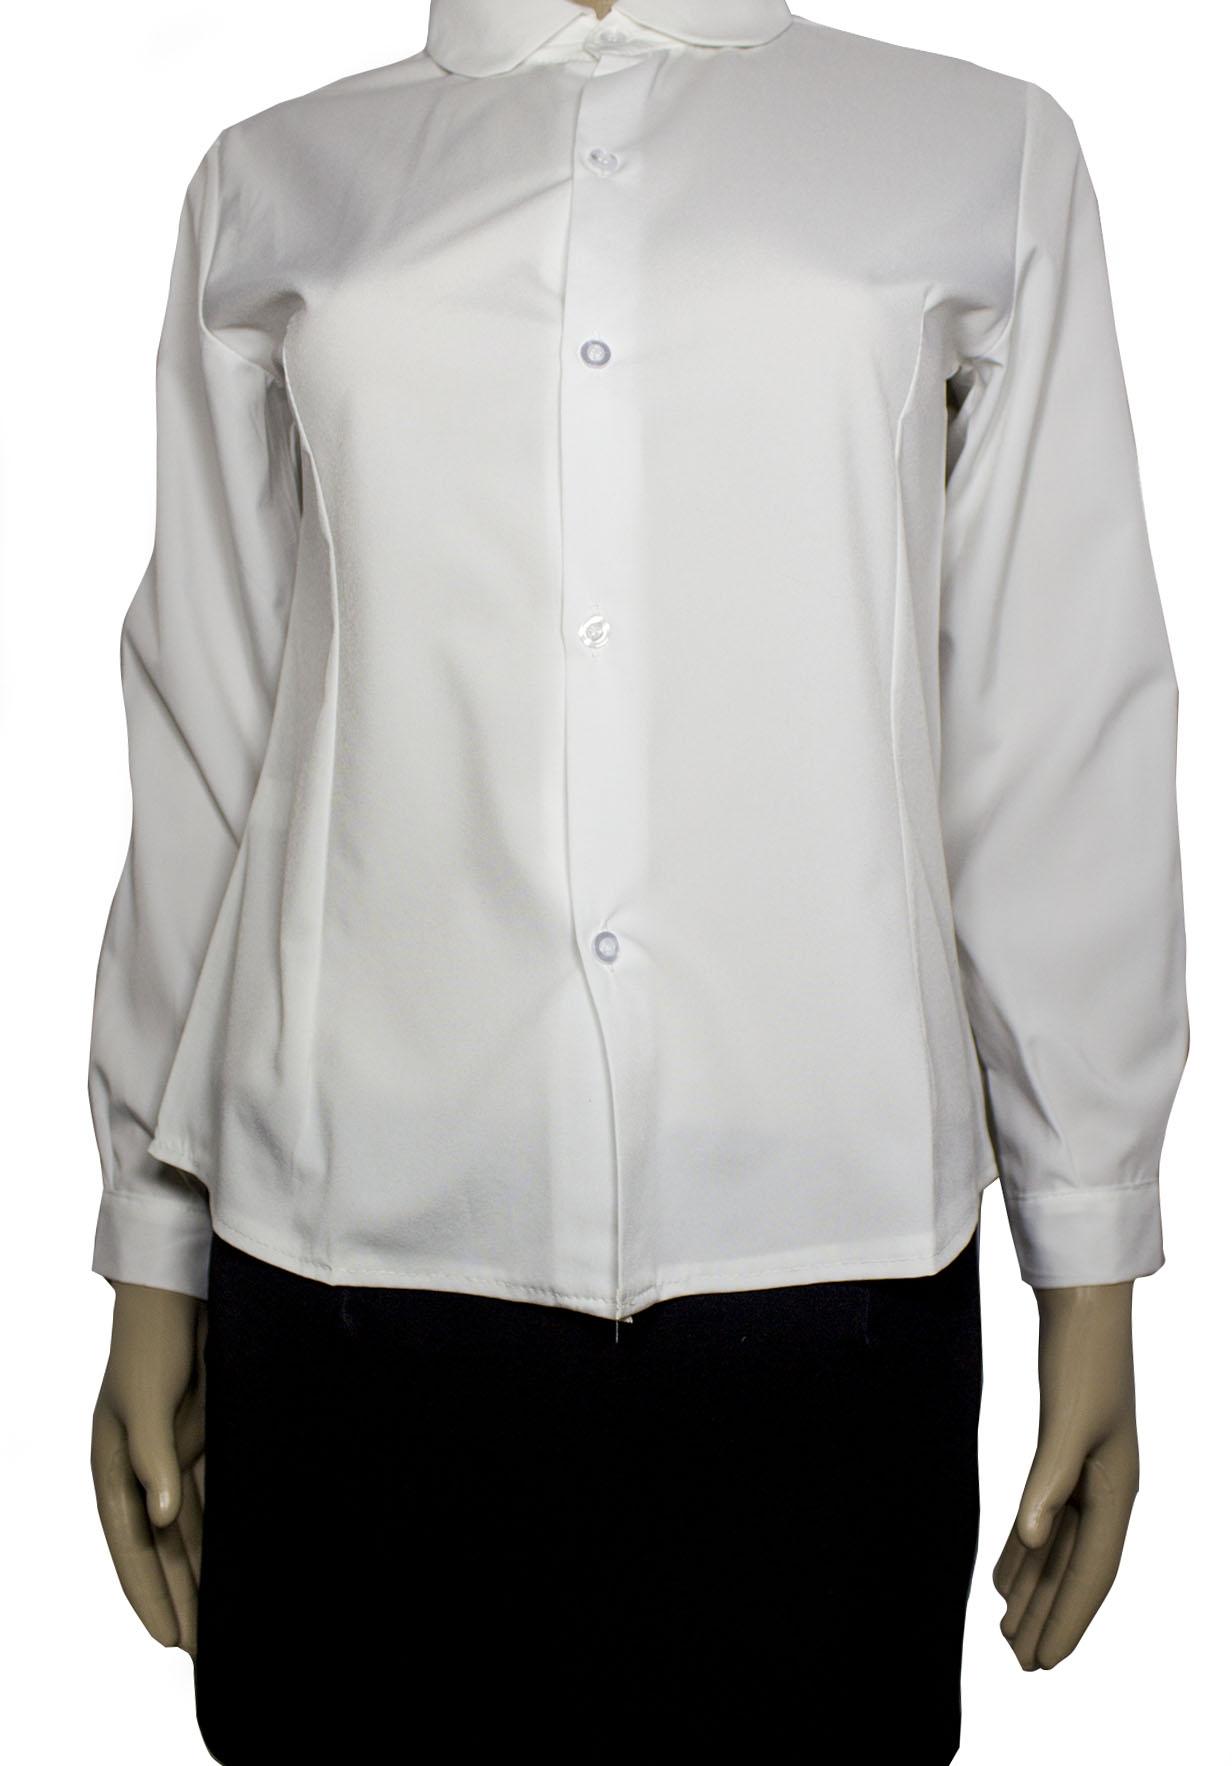 базовый гардероб белая рубашка Белая рубашка стюардессы (44-46)